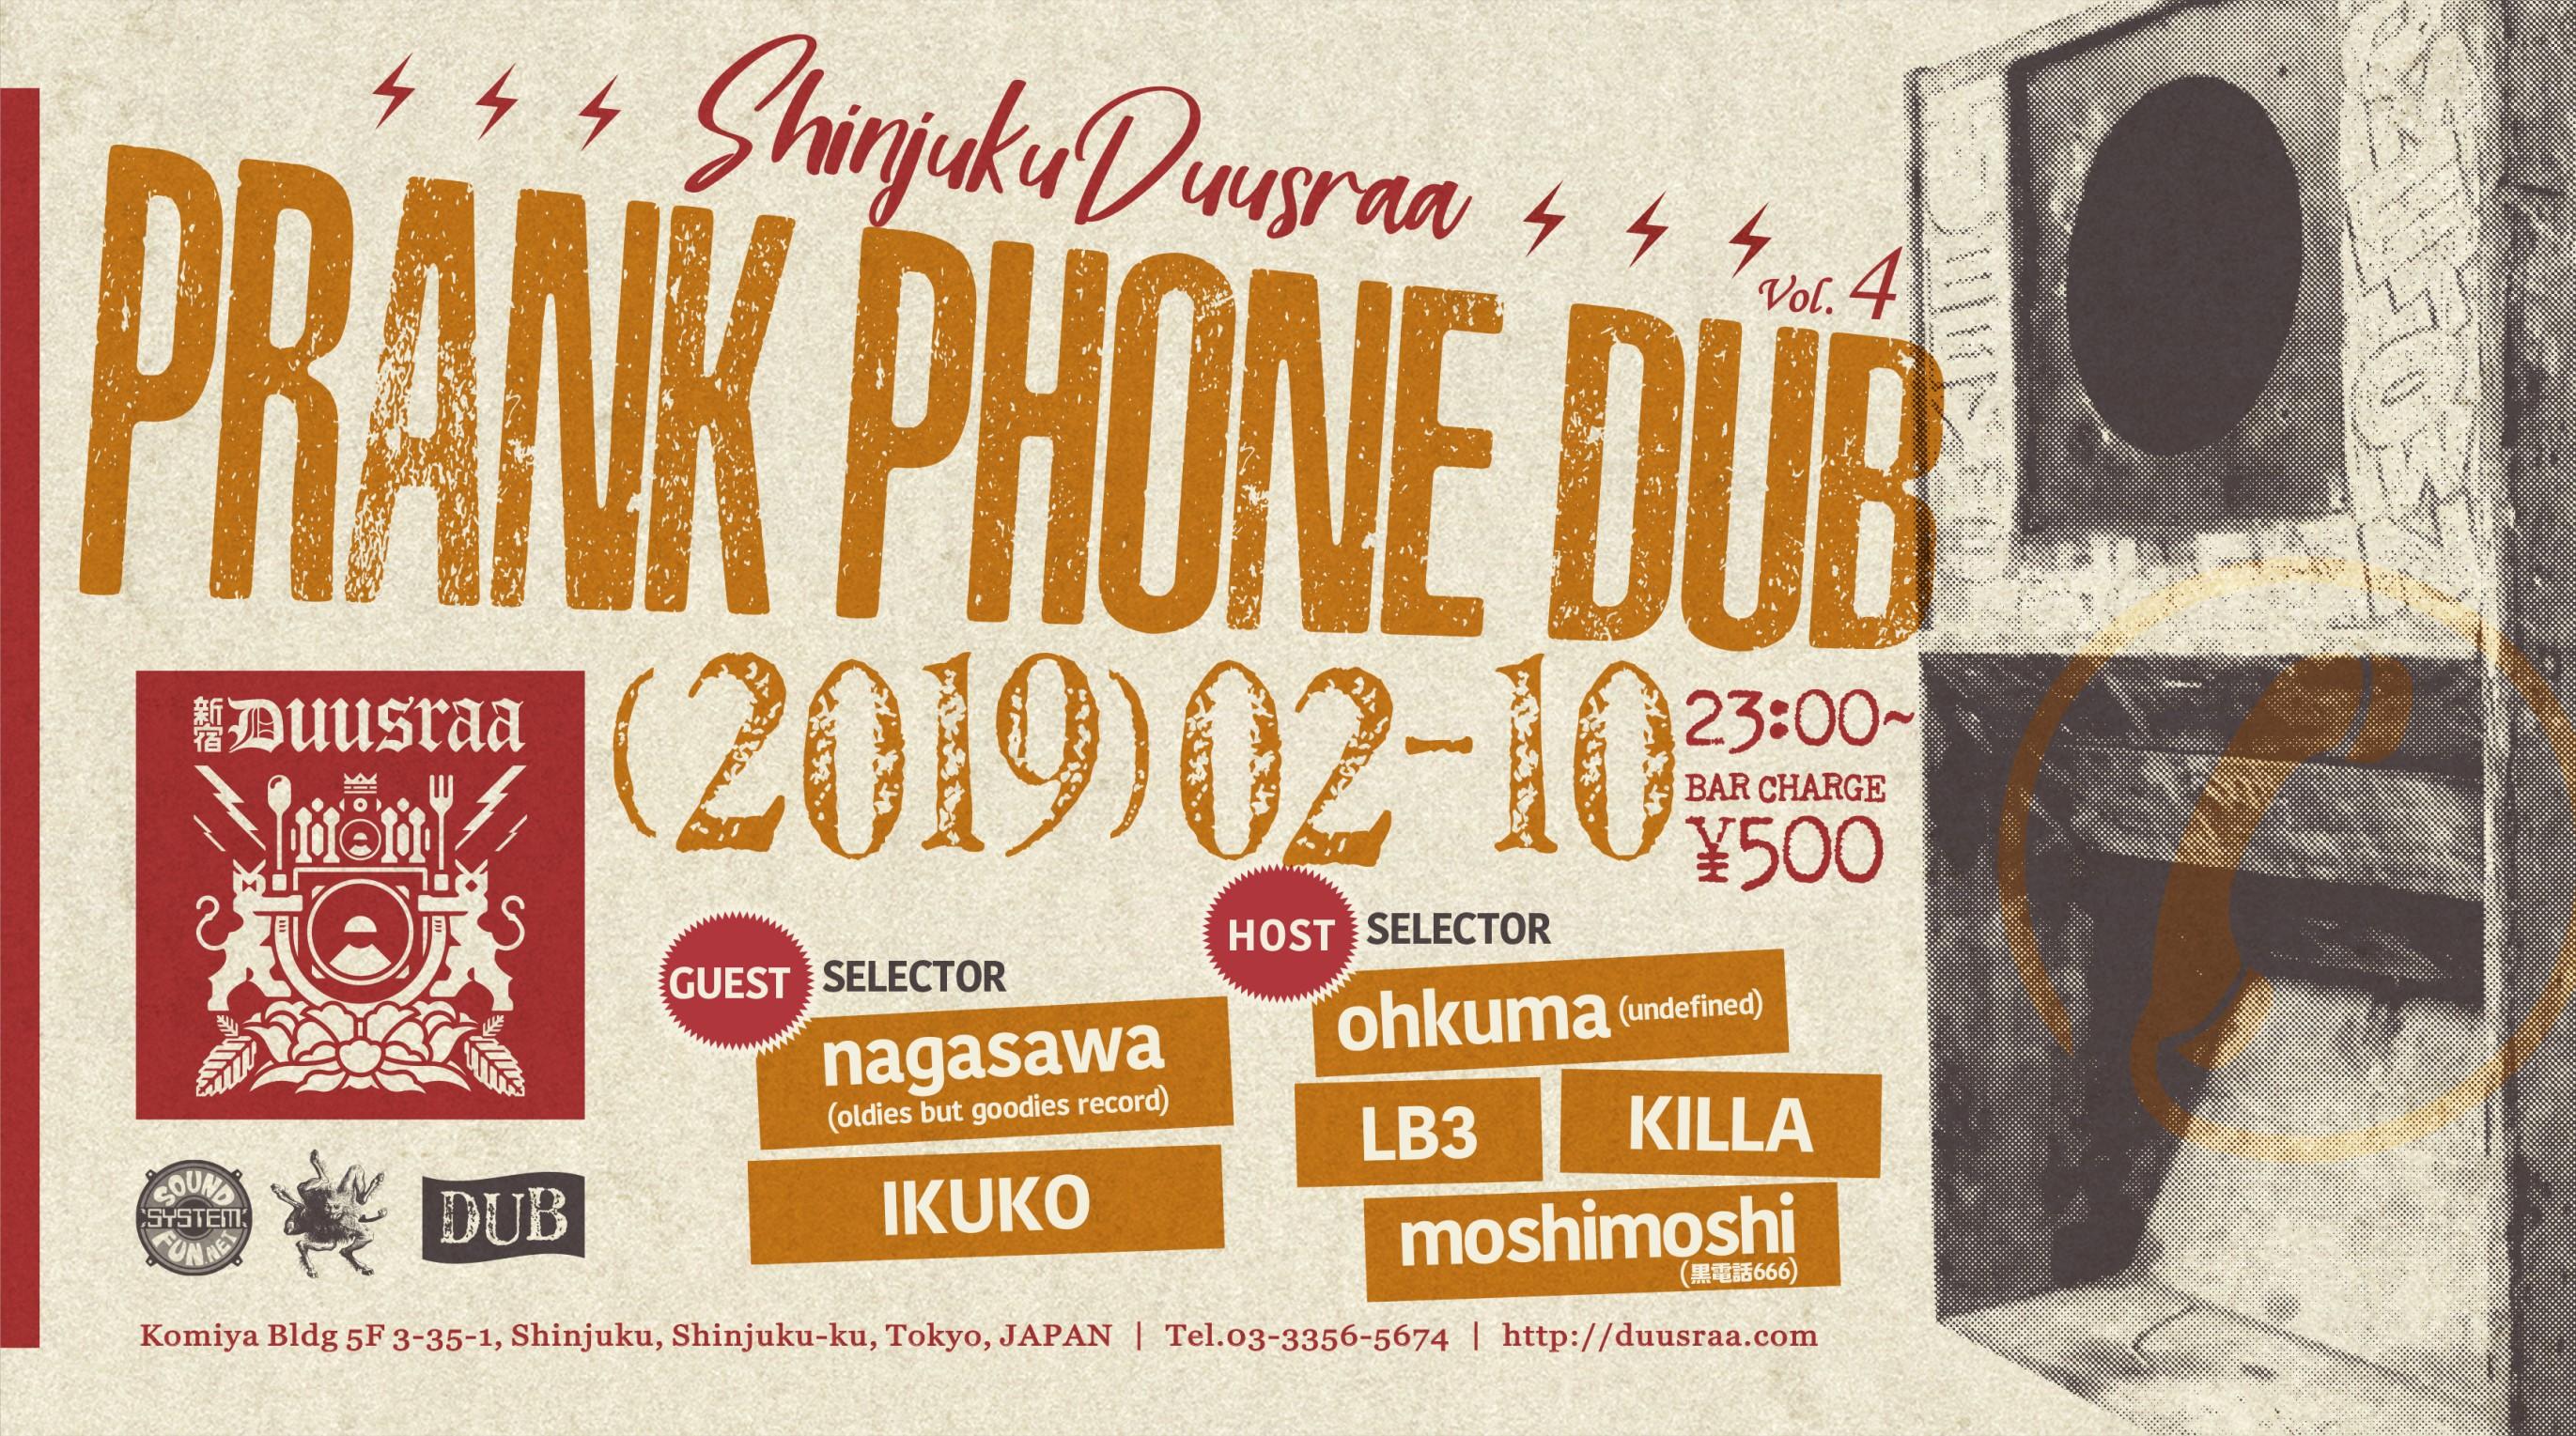 PRANK PHONE DUB